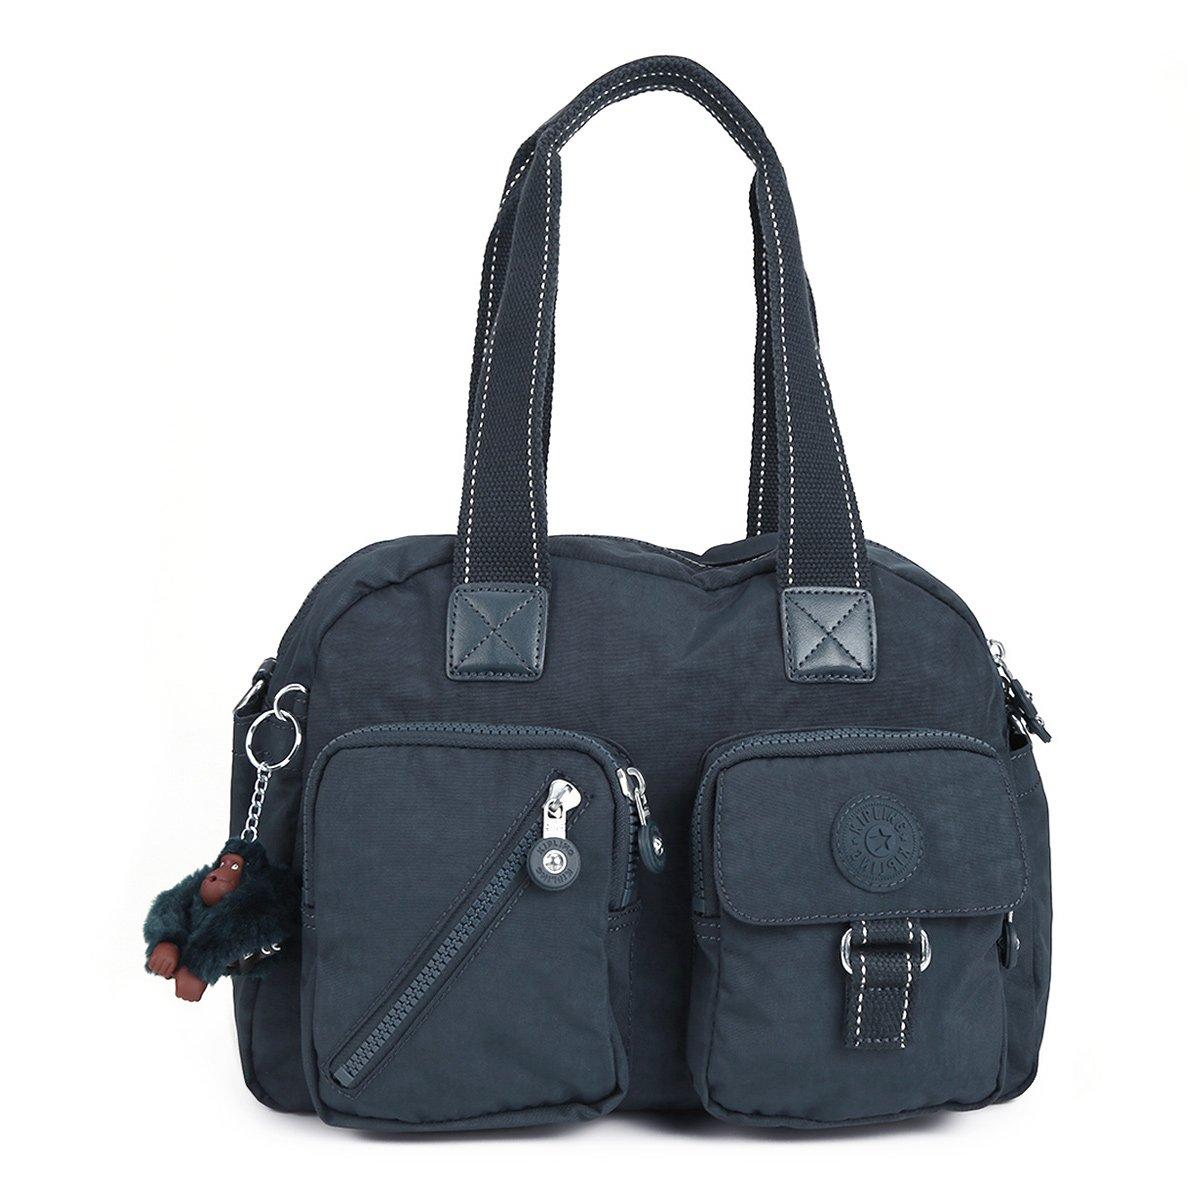 4feeb9c99 Bolsa Kipling Handbag Defea Feminina - Verde escuro | Netshoes